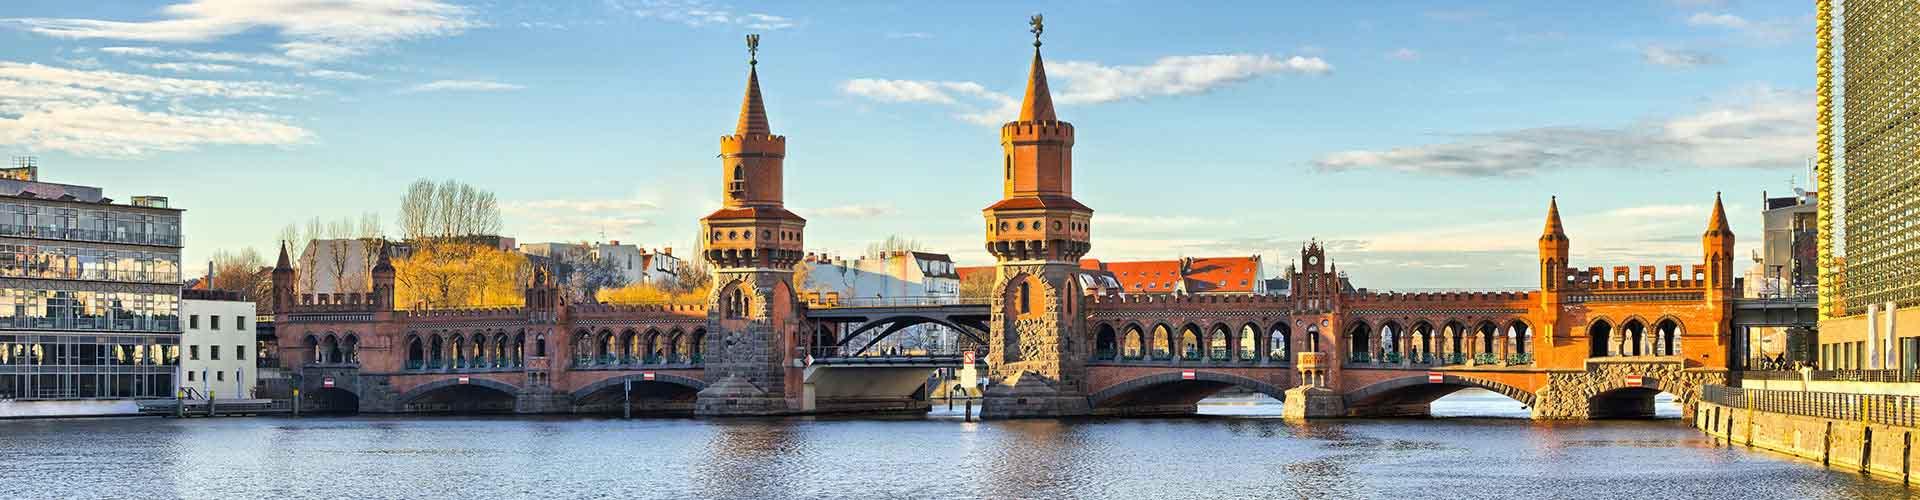 베를린 - Berlin 지구의 호스텔. 베를린의 지도, 베를린에 위치한 호스텔 사진 및 후기 정보.